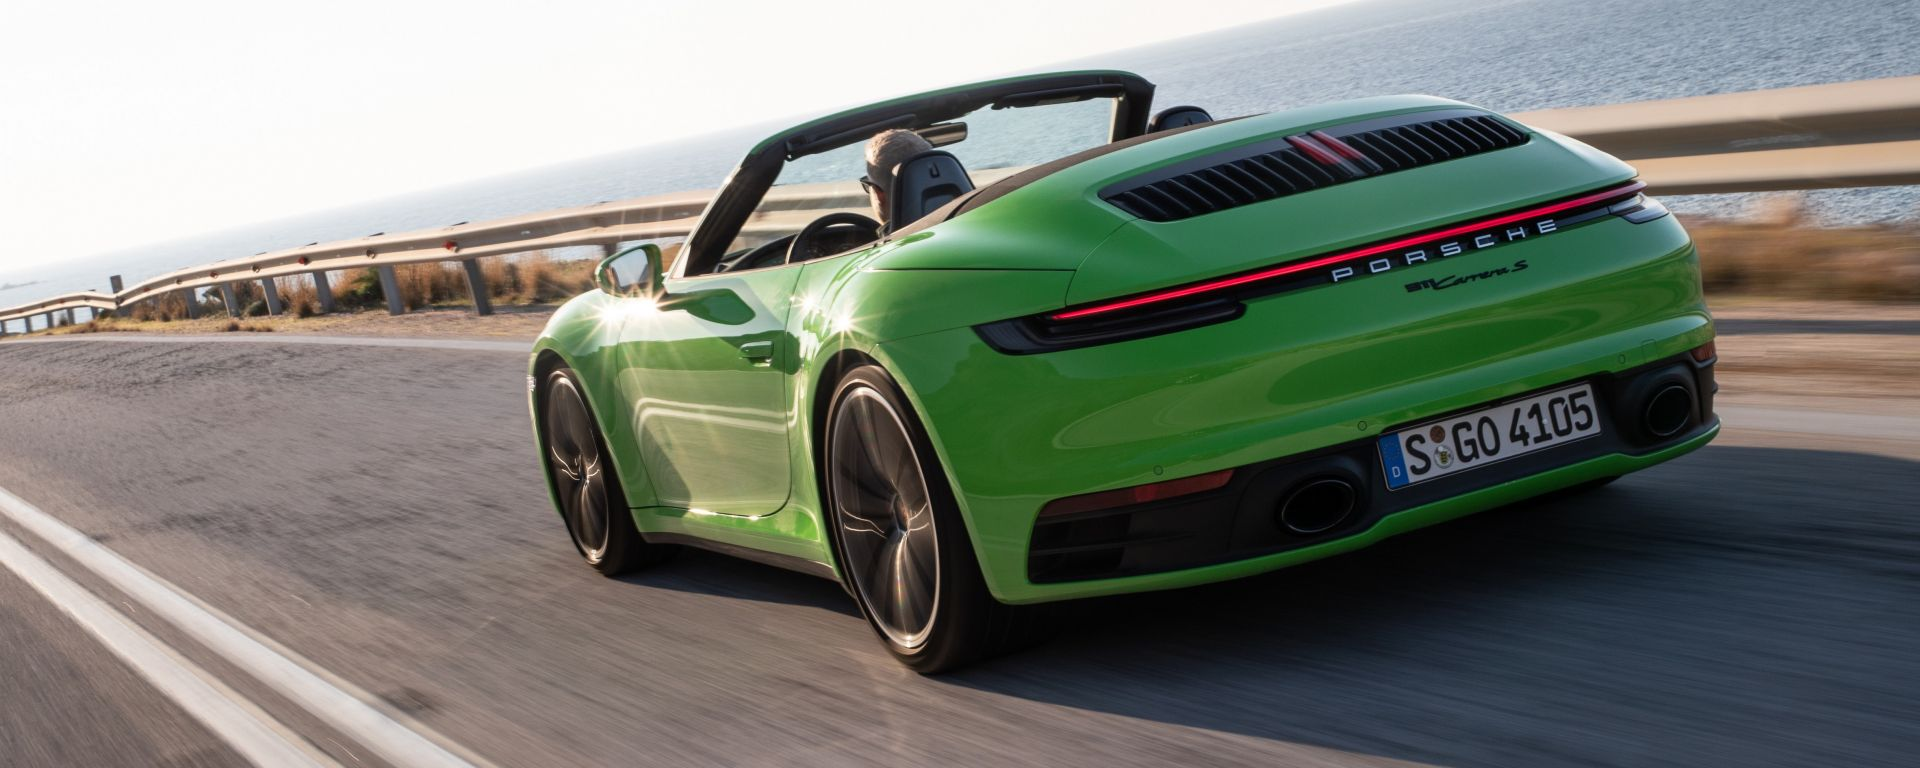 Porsche 992 Cabrio: le opinioni dopo la prova su strada